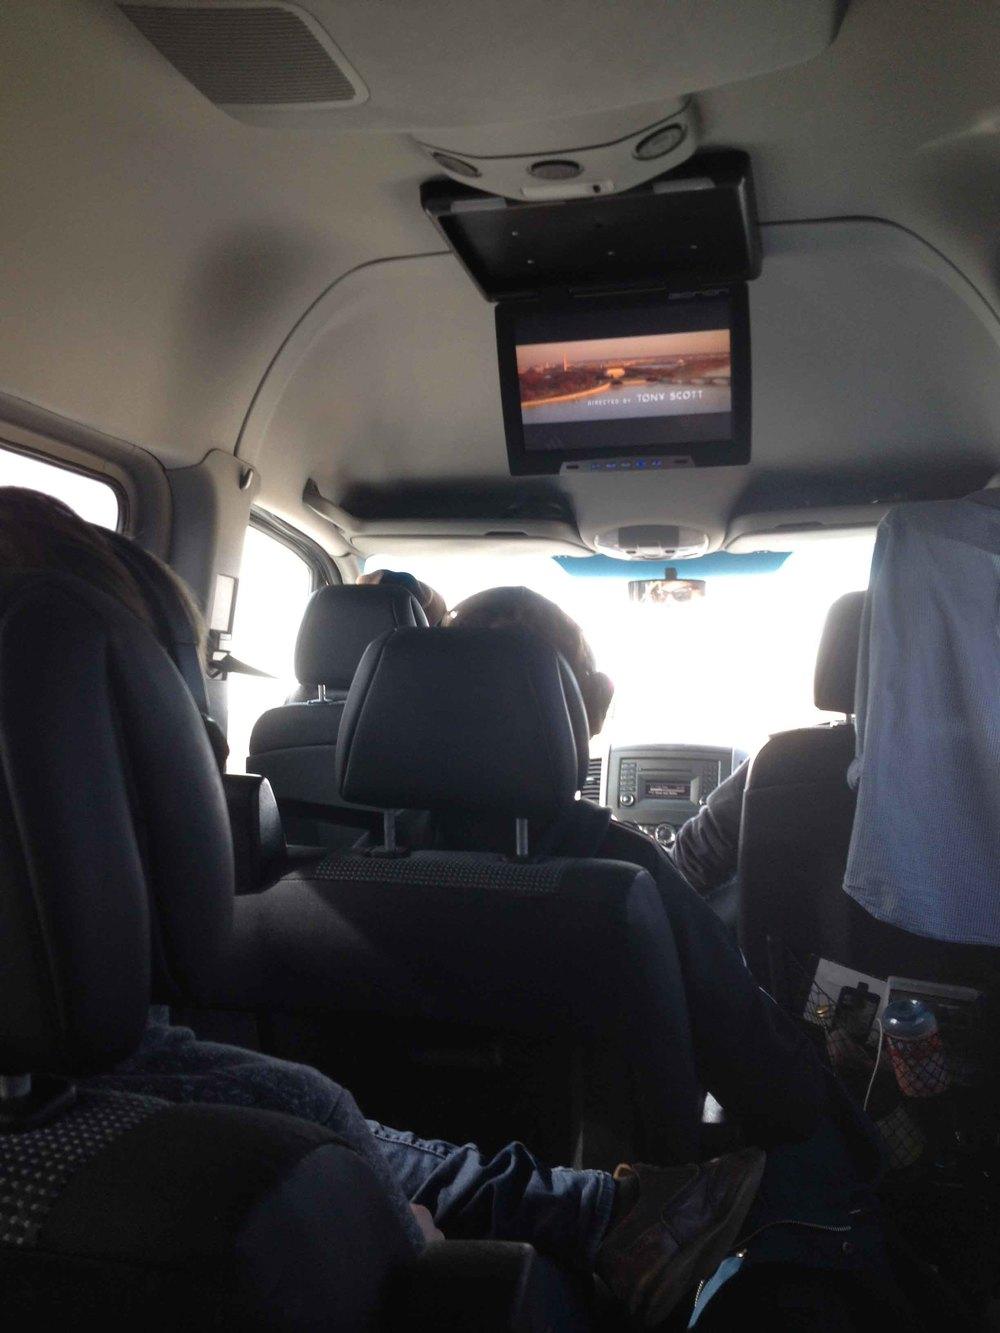 Im Tourbus nach Wien. Mit eingebautem Fernseher und Playstation kann man es hier wohl aushalten.